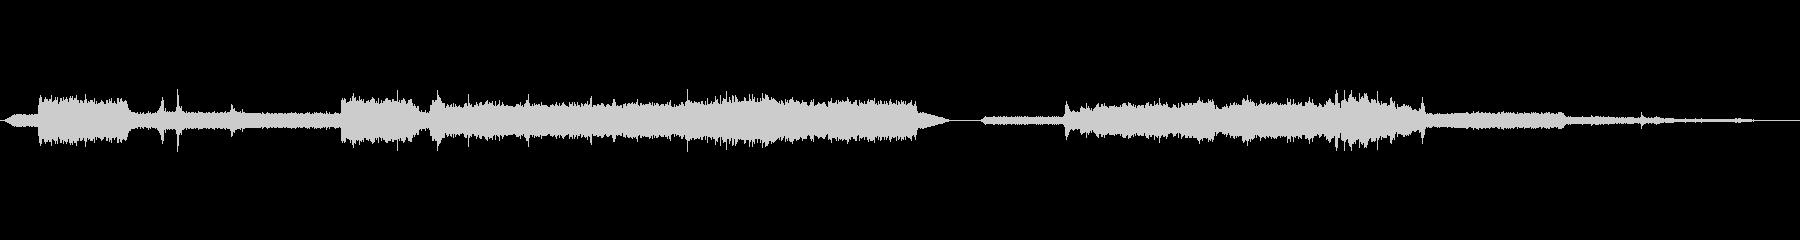 ツール、バンドソー、バンドソー、2...の未再生の波形